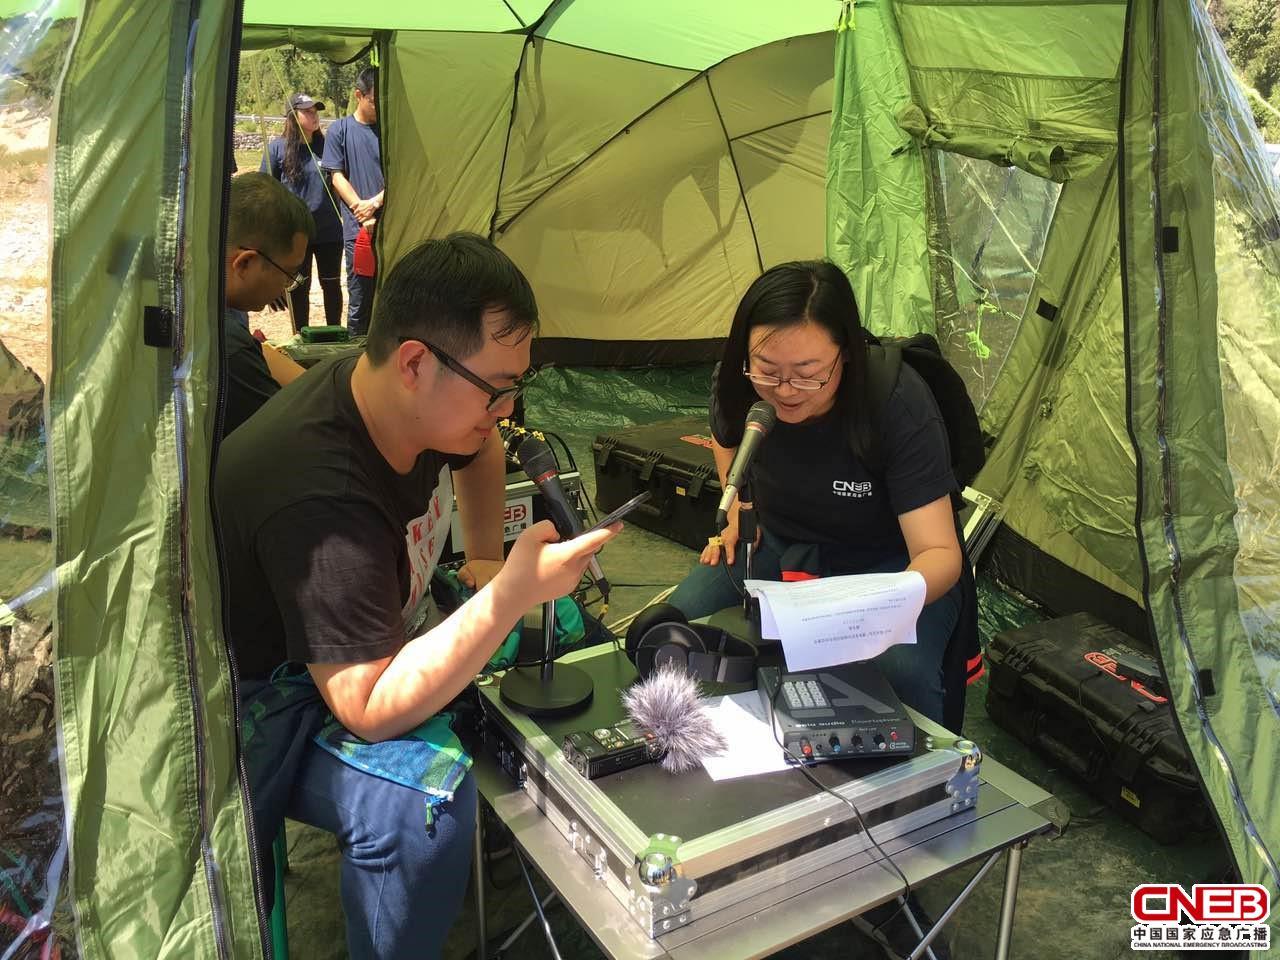 主持人卢君(右)和修奇(左)模拟应急电台播音